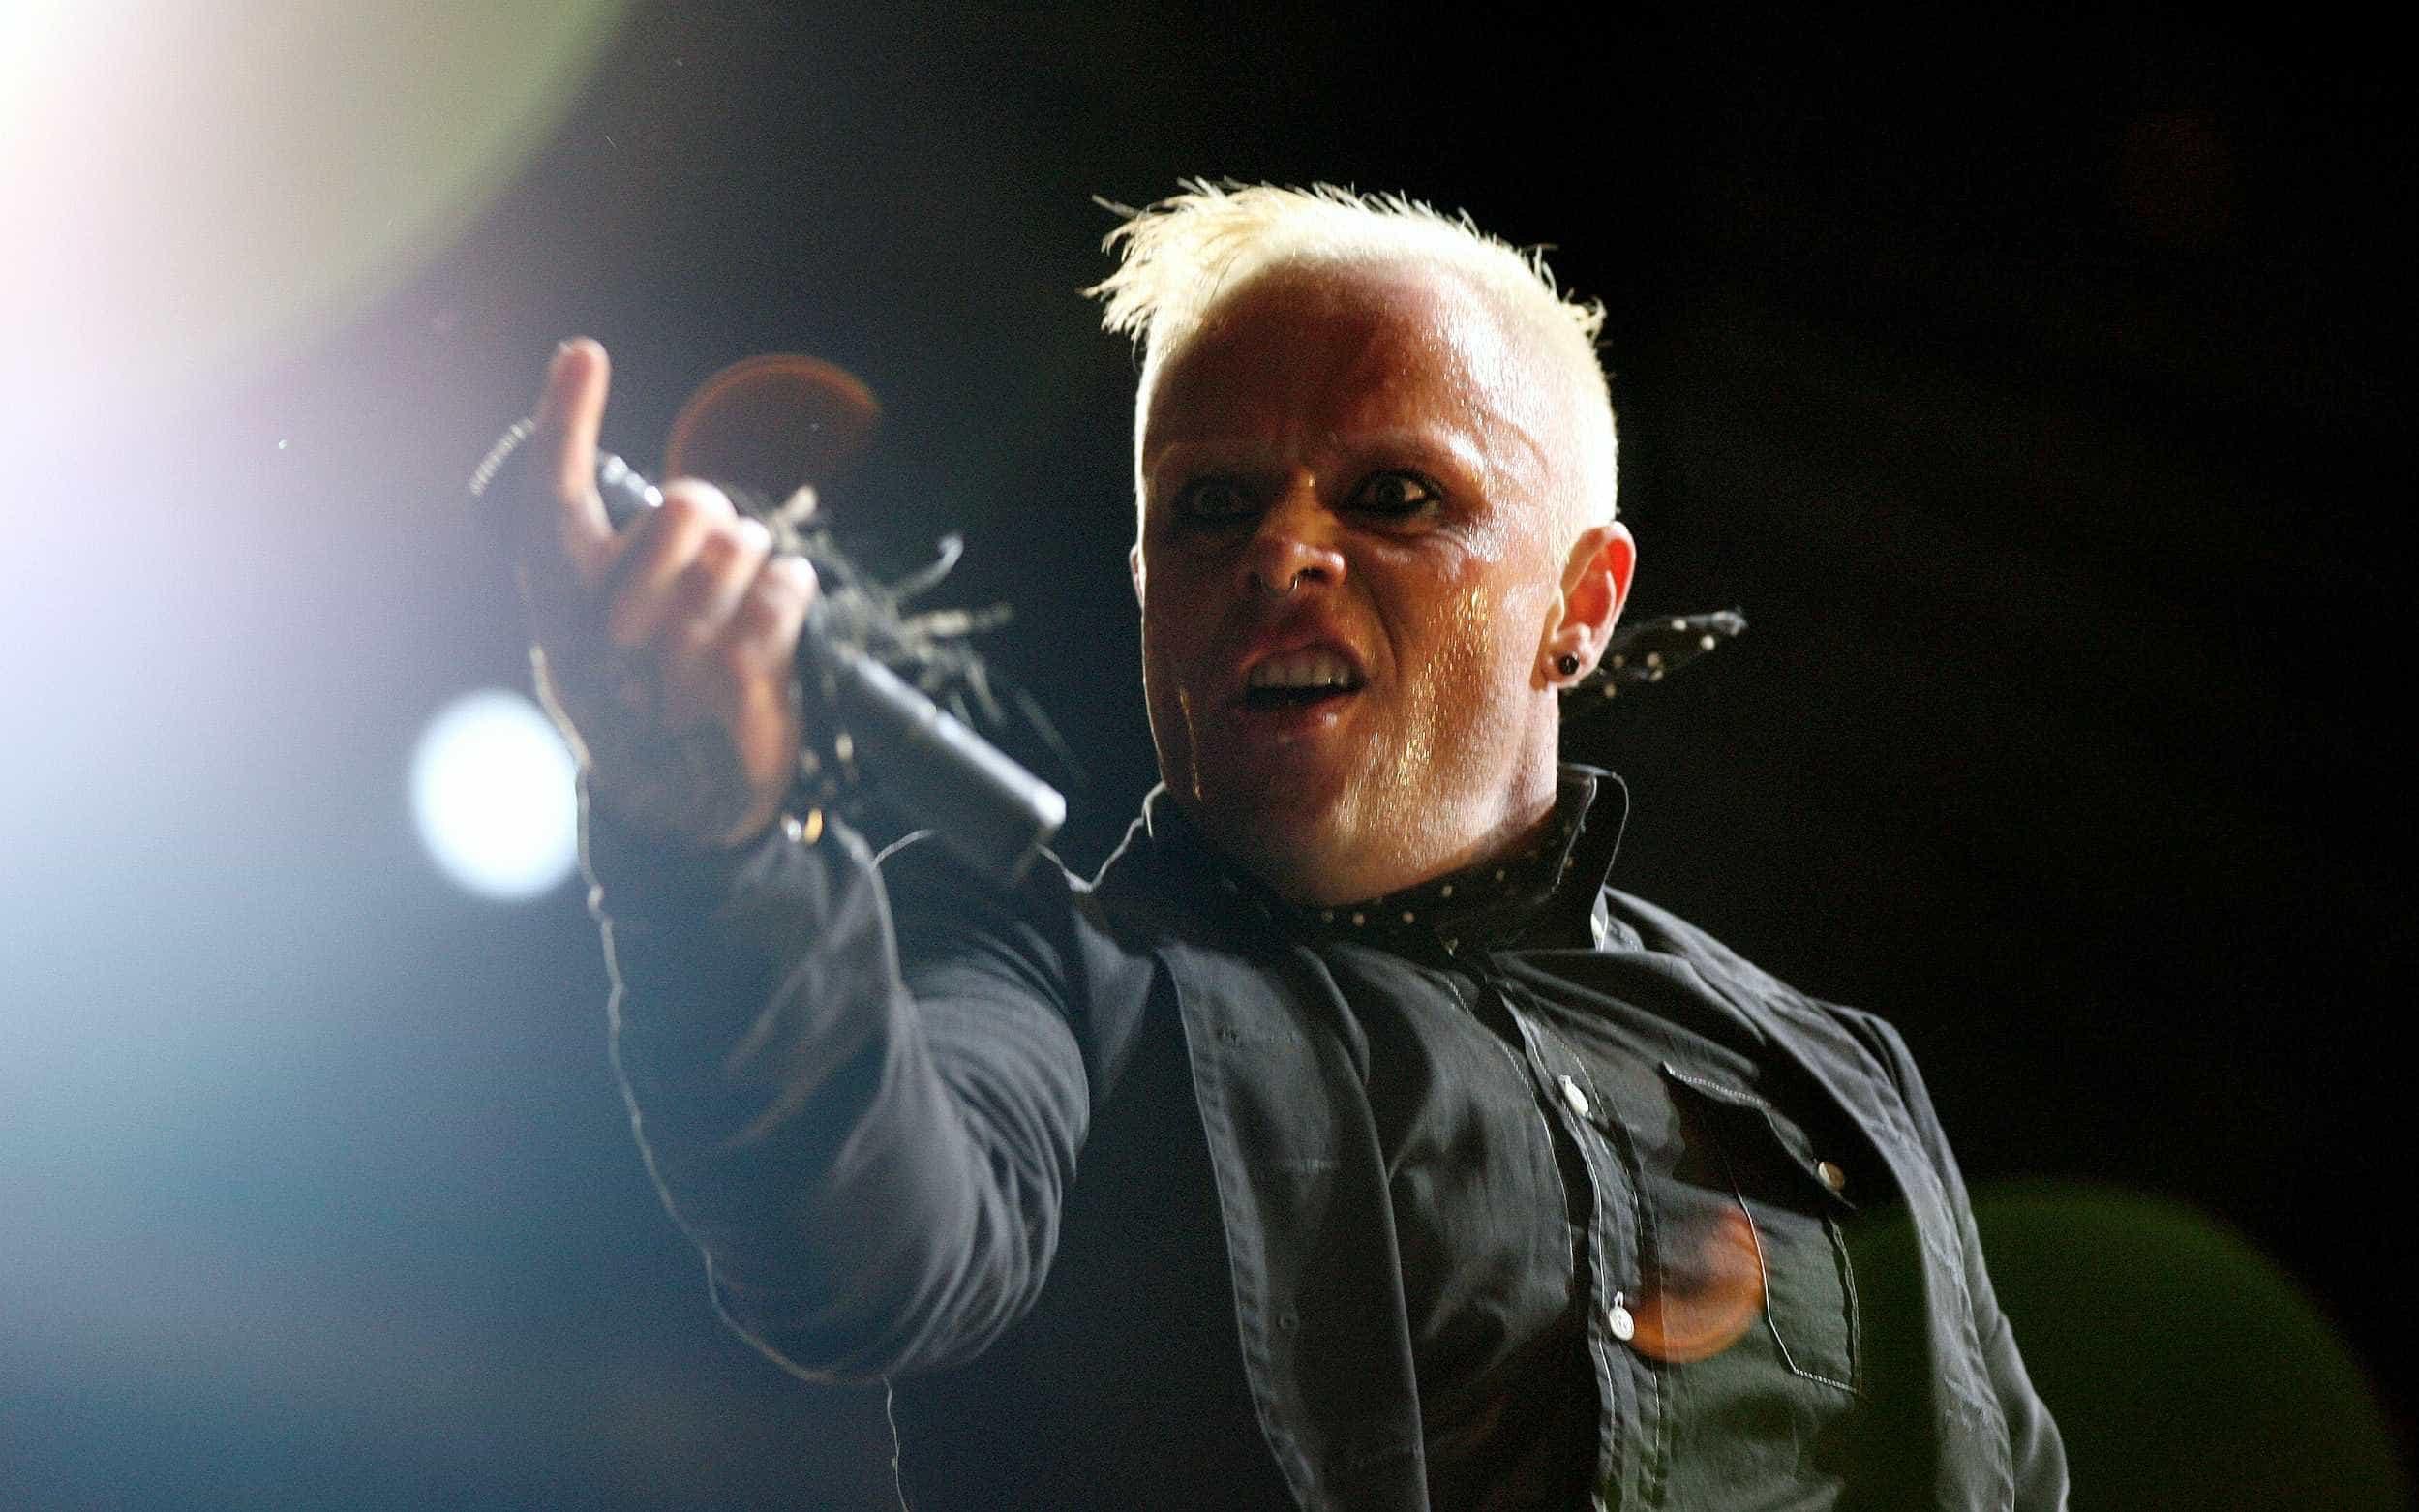 Morre Keith Flint, vocalista do Prodigy, aos 49 anos